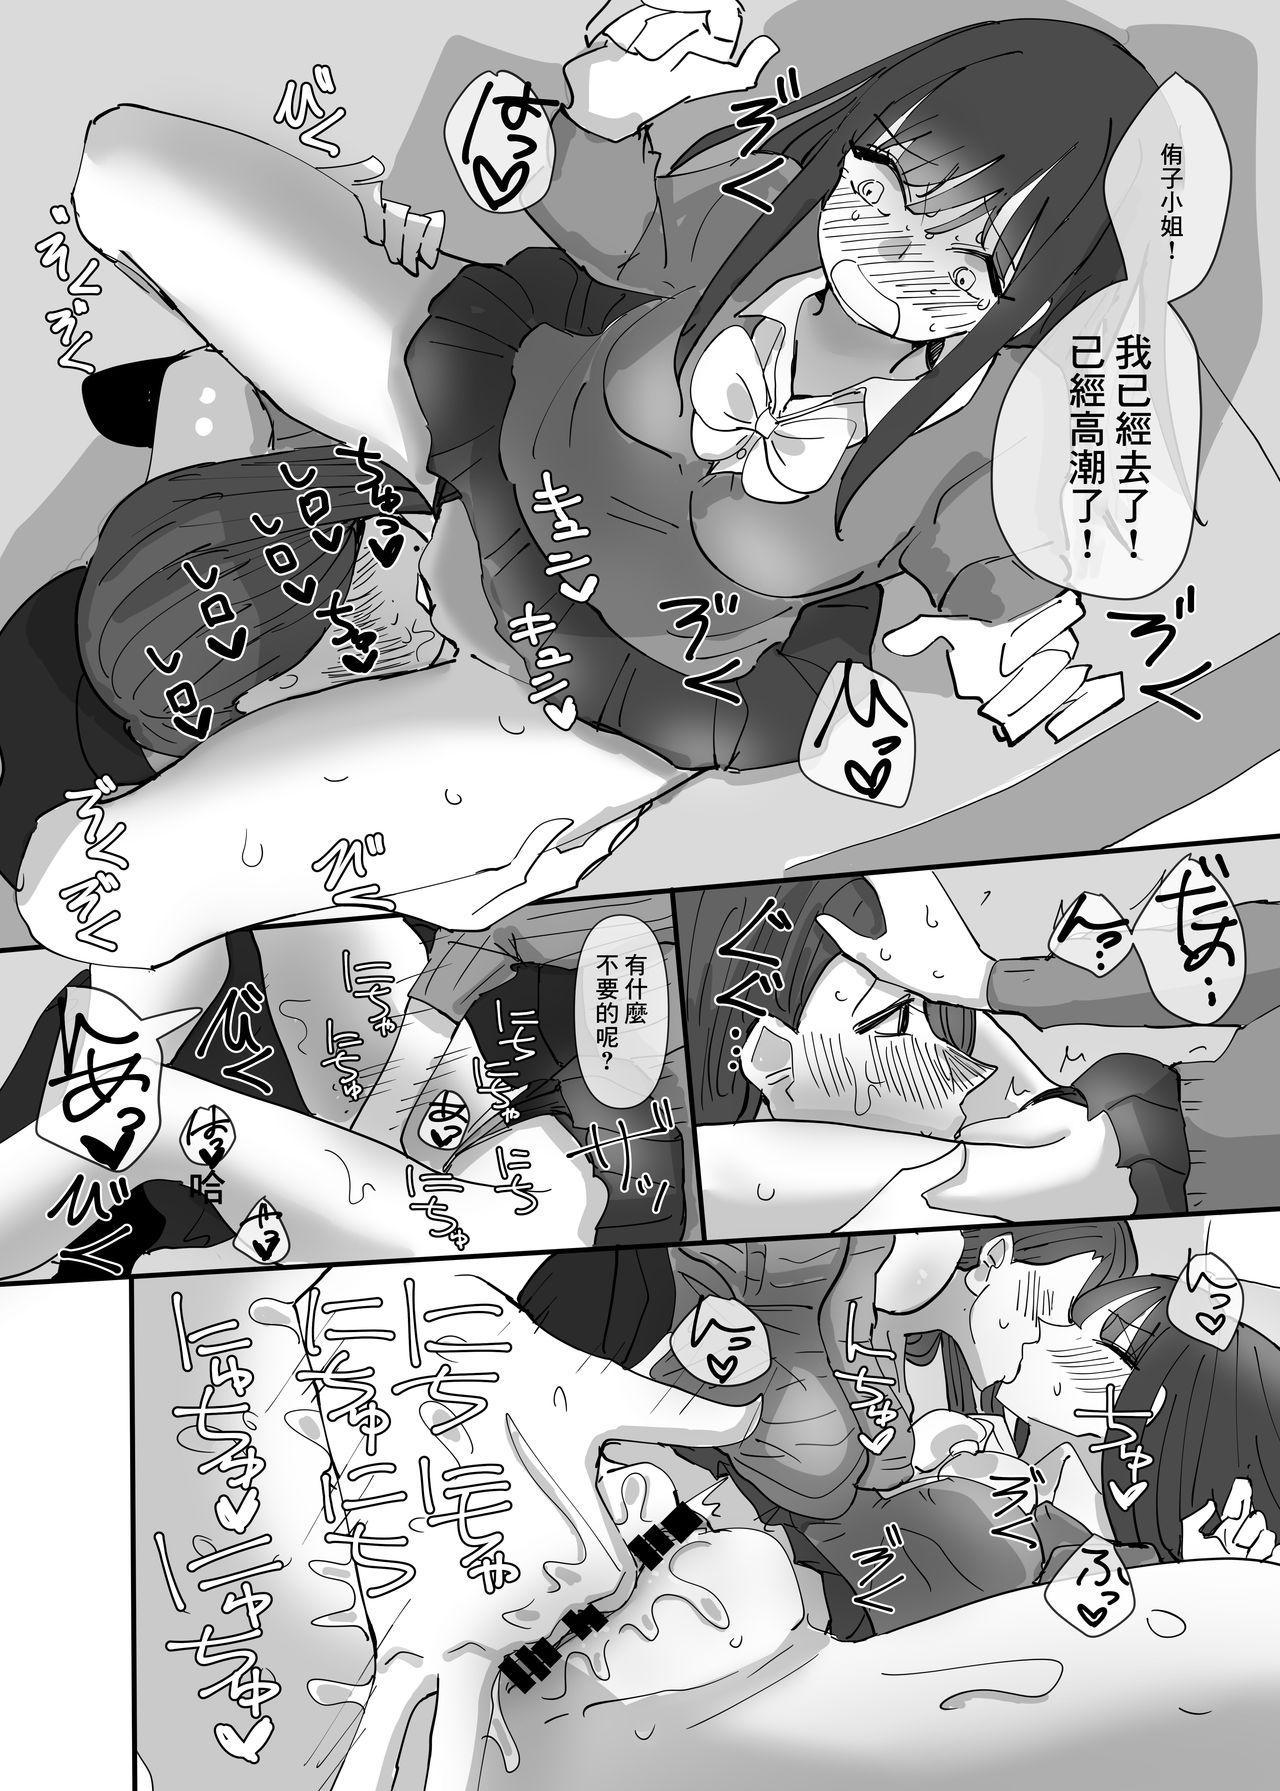 SNS de Tomarasete Kureru Hito o Boshuu Shitara Echiechi Onee-san ga Yattekita Hanashi 14